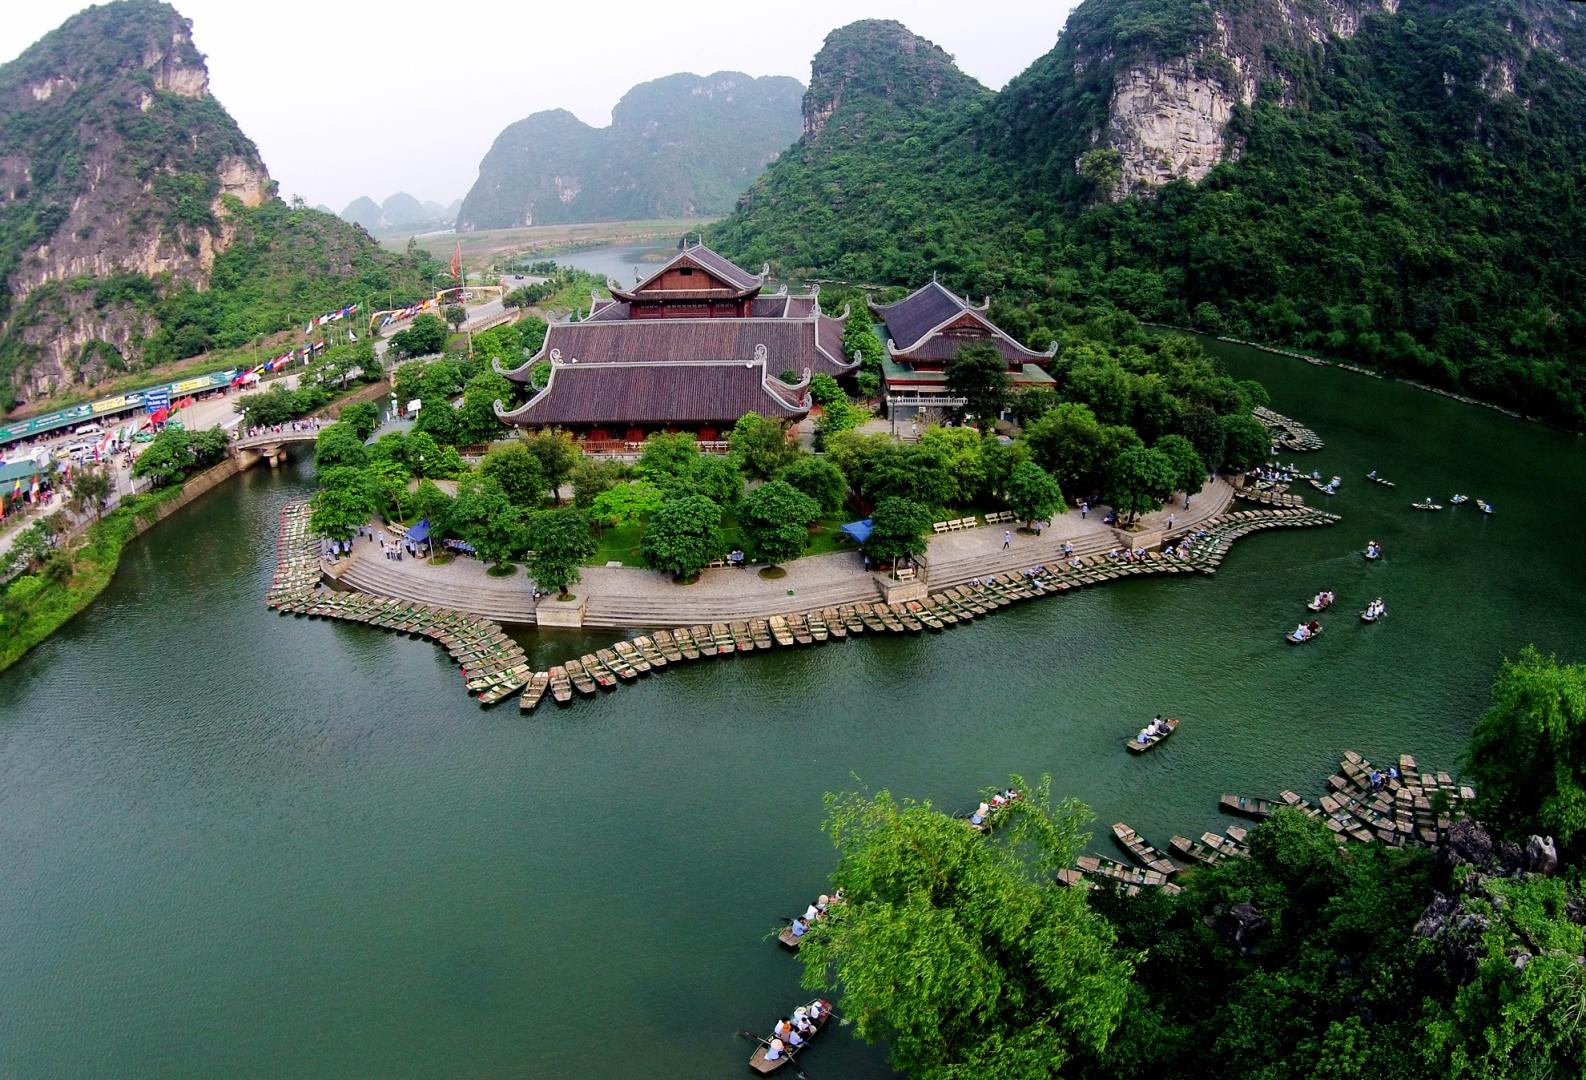 Hội Chợ Du Lịch Quốc Tế Việt Nam Sẽ Được Diễn Ra Vào Cuối Tháng 7 Tại Hà Nội